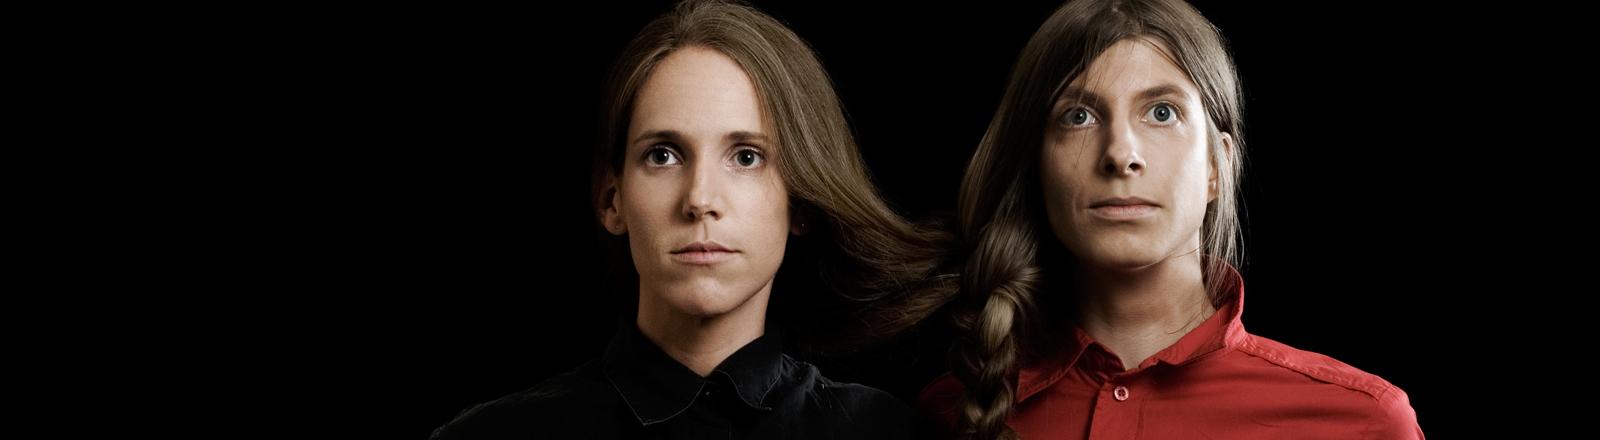 Zwillinge, Frauen stehen nebeneinander, sie haben ihre Haare zusammengebunden.